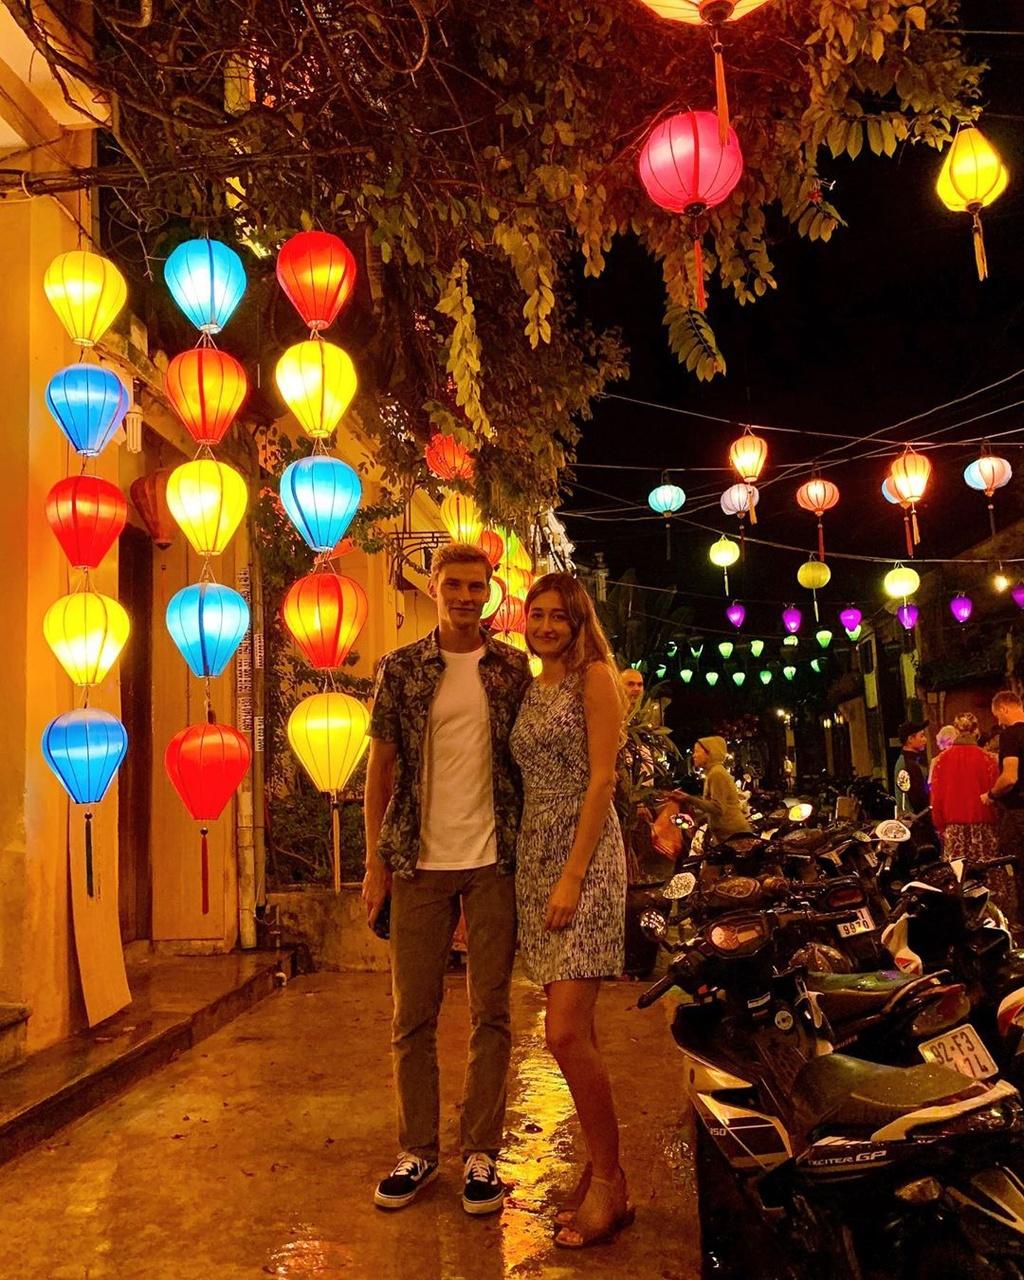 Don mua yeu ngot ngao tai cac diem du lich trong nuoc hinh anh 7 ha.jpg  - ha - Đón mùa yêu ngọt ngào tại các điểm du lịch trong nước